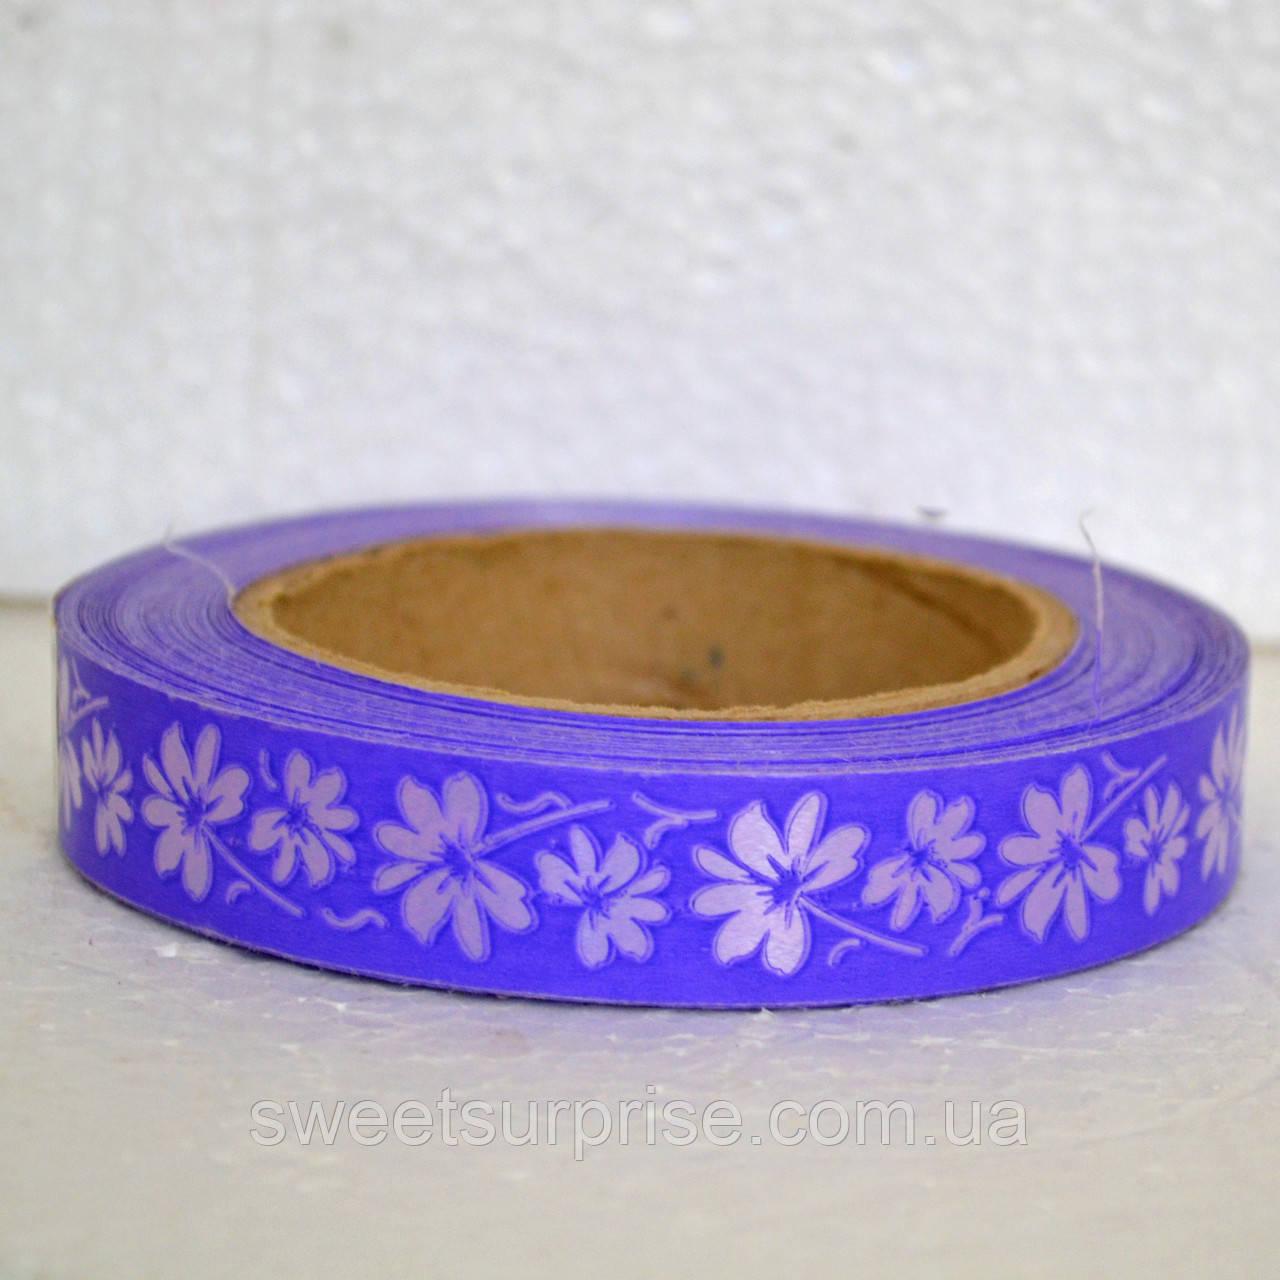 Декоративная лента для упаковки